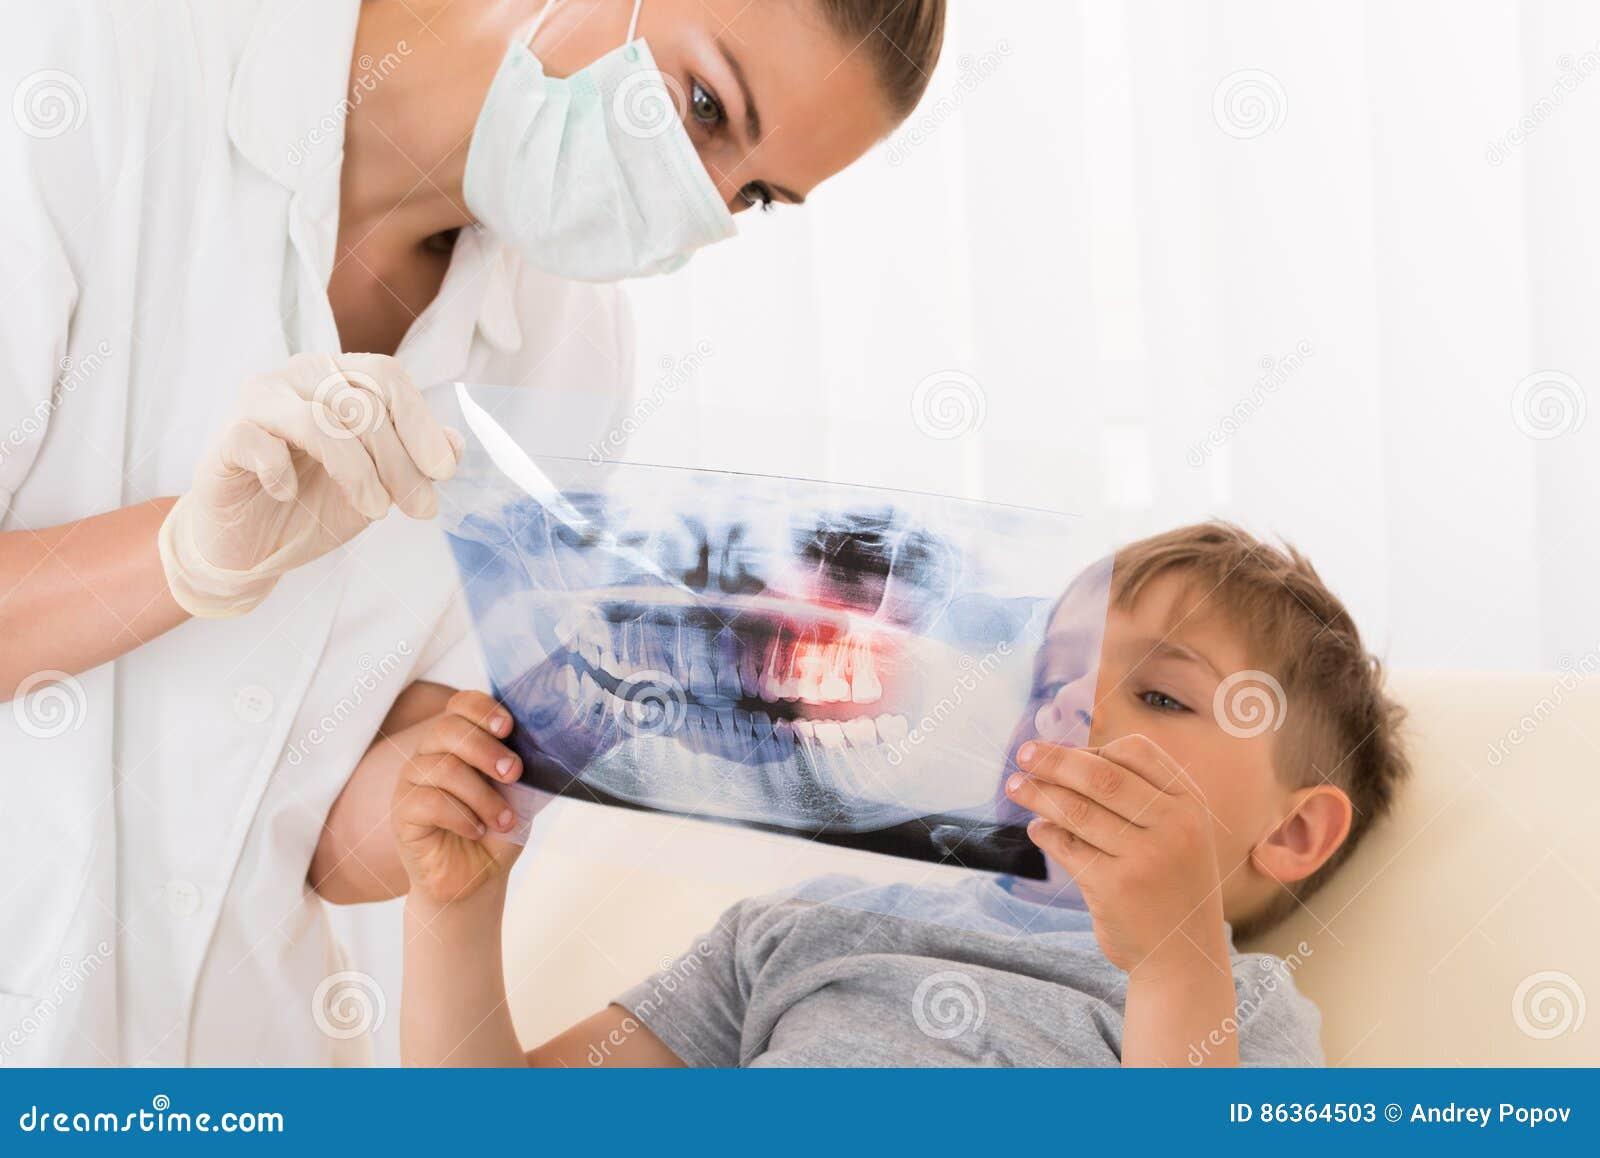 Zahnarzt Showing Teeth Xray zum Kinderpatienten